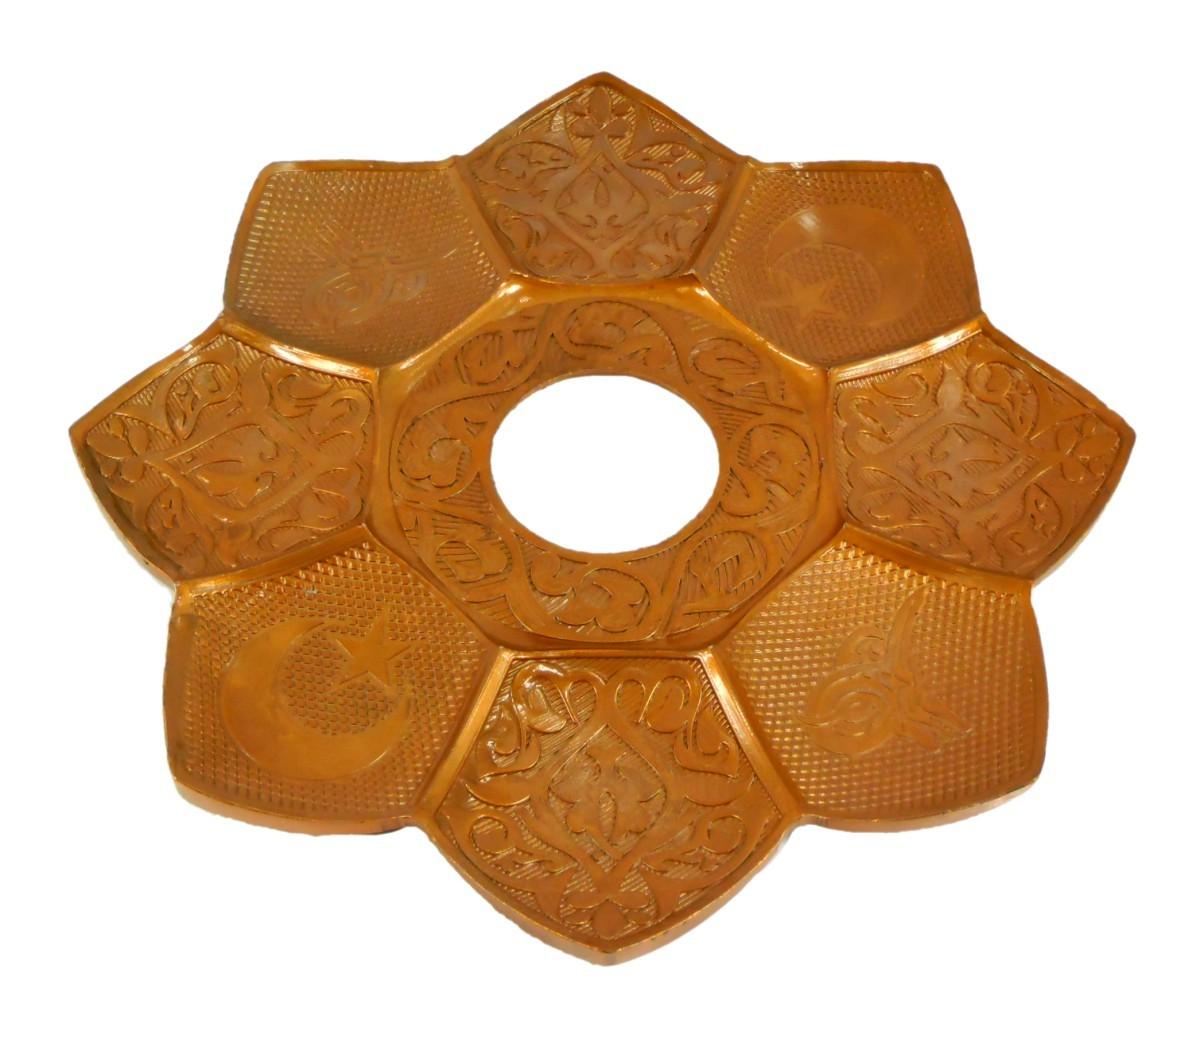 Prato para narguile marca Md Hookah 21cm de diâmetro. Em metal inox e decorado. Cor BRONZE.